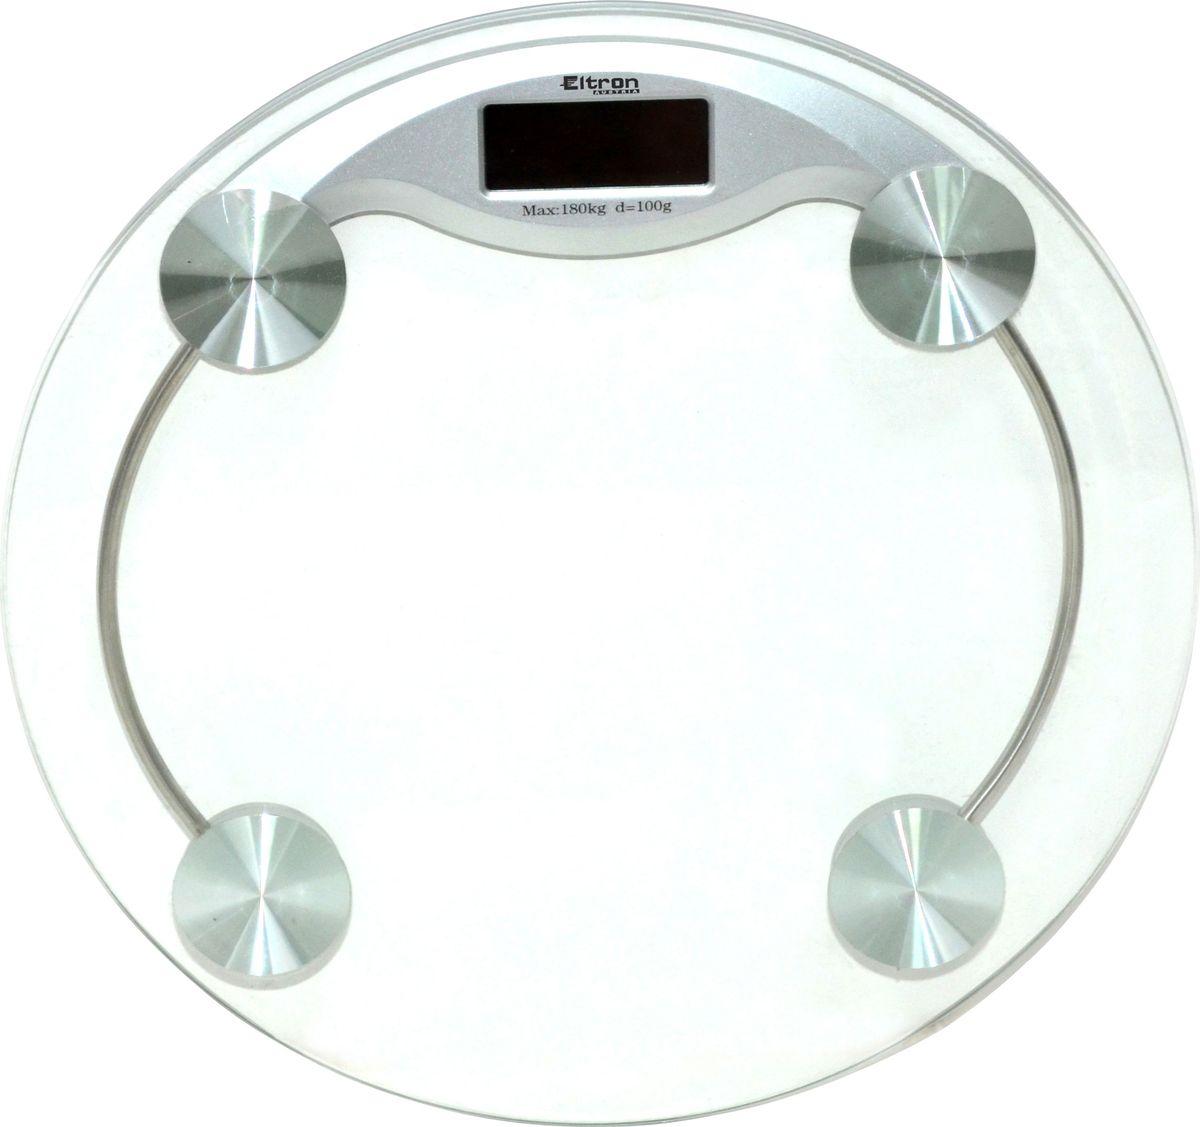 Весы напольные Eltron, электронные, цвет: прозрачный, до 180 кг. 9218EL9218ELЦифровые напольные круглые весы на стеклянной платформе. Жидкокристаллический экран. Максимальный вес 180 кг. Шаг измерения - 0.1 кг.1х3В батарея входит в комплект.Размер: 33 х 3,7 см.